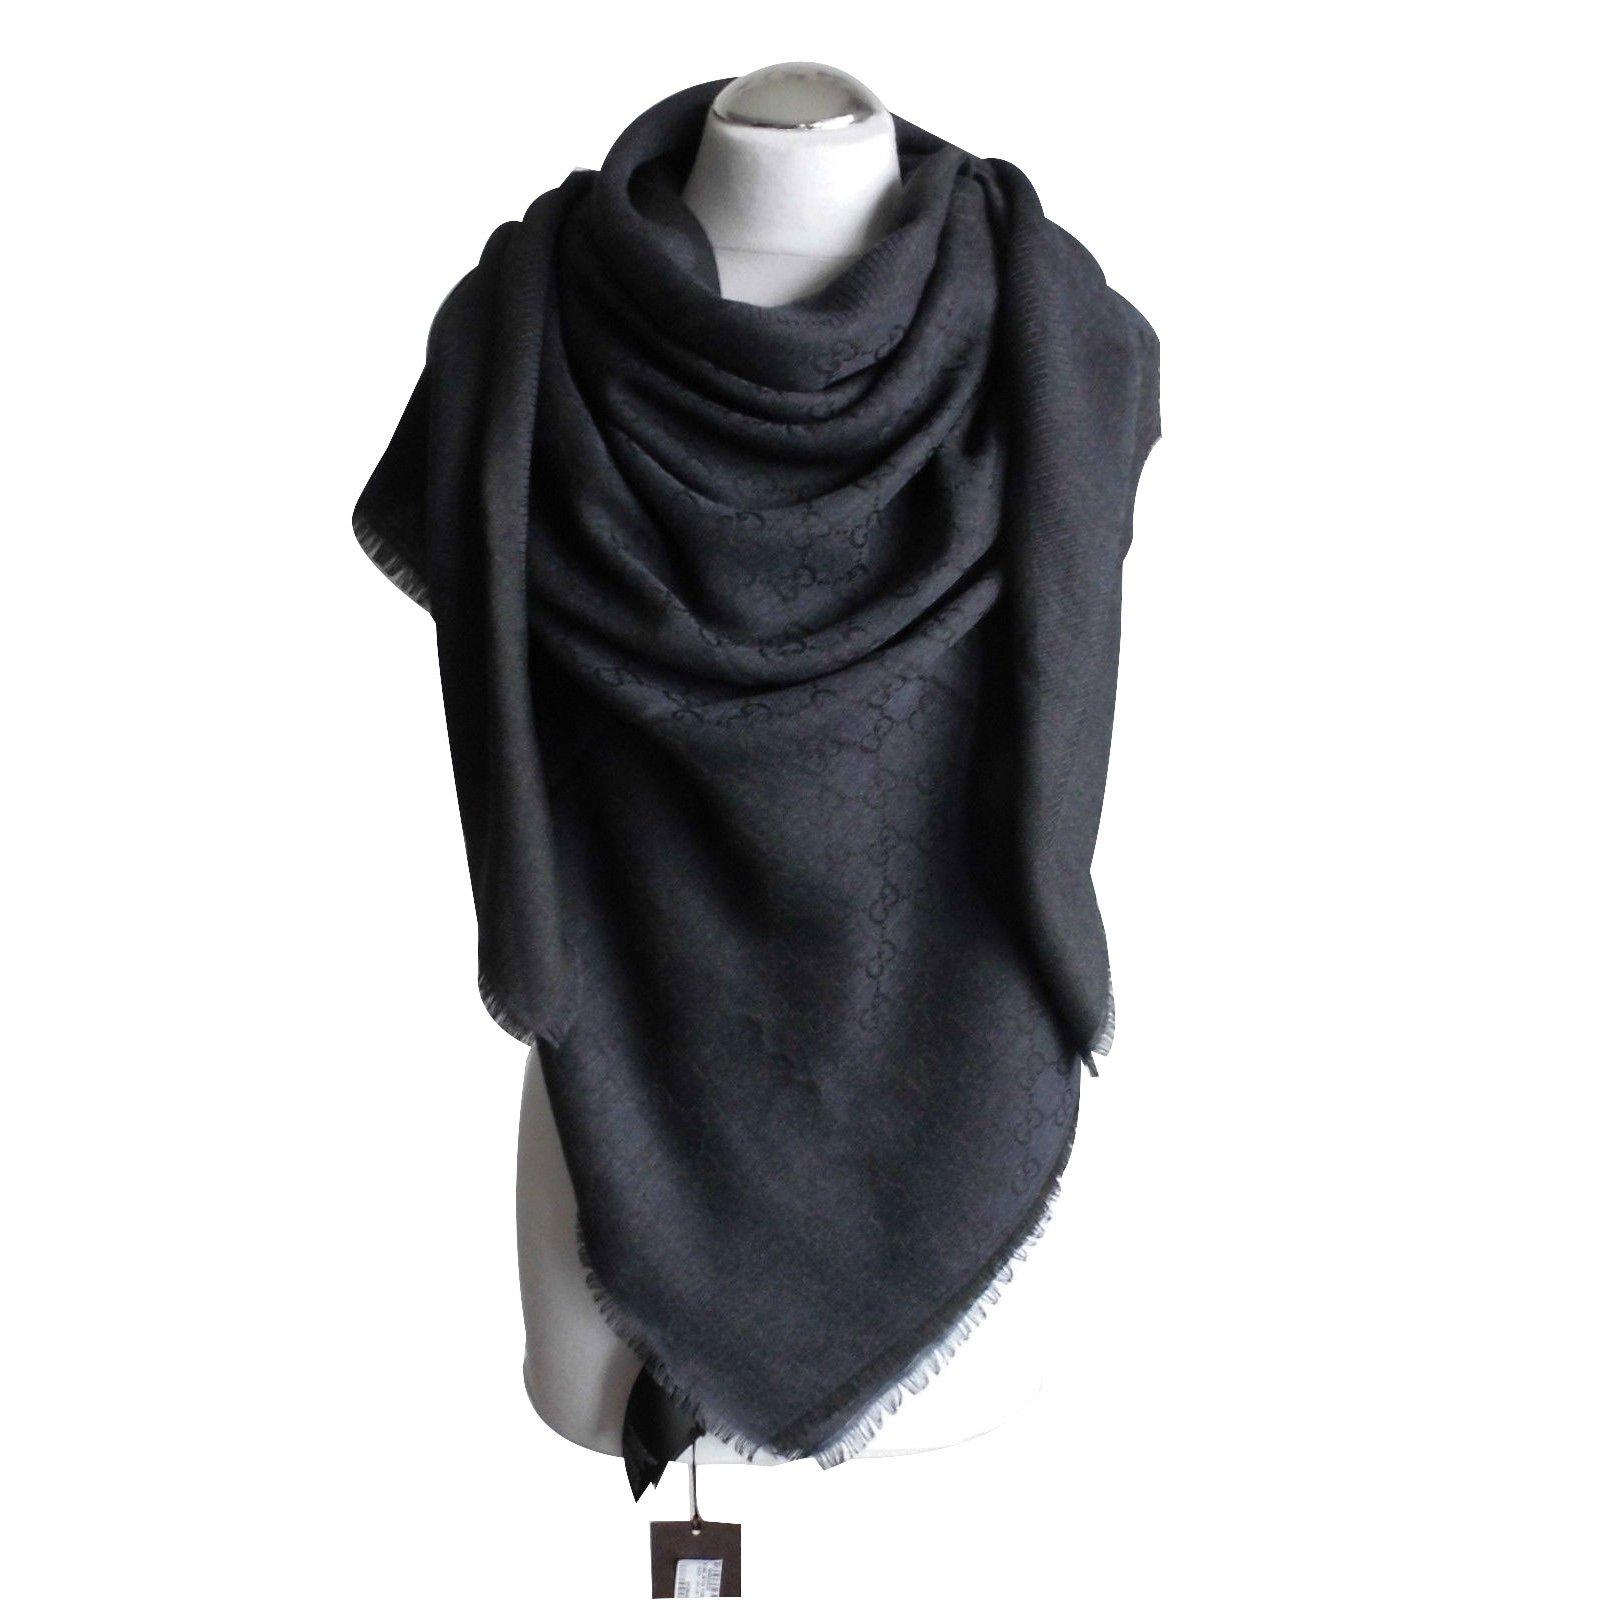 7a04f621ec2f Gucci scarf ggweb scarves wool black ref joli closet jpg 1600x1600 Gucci  scarf shawl